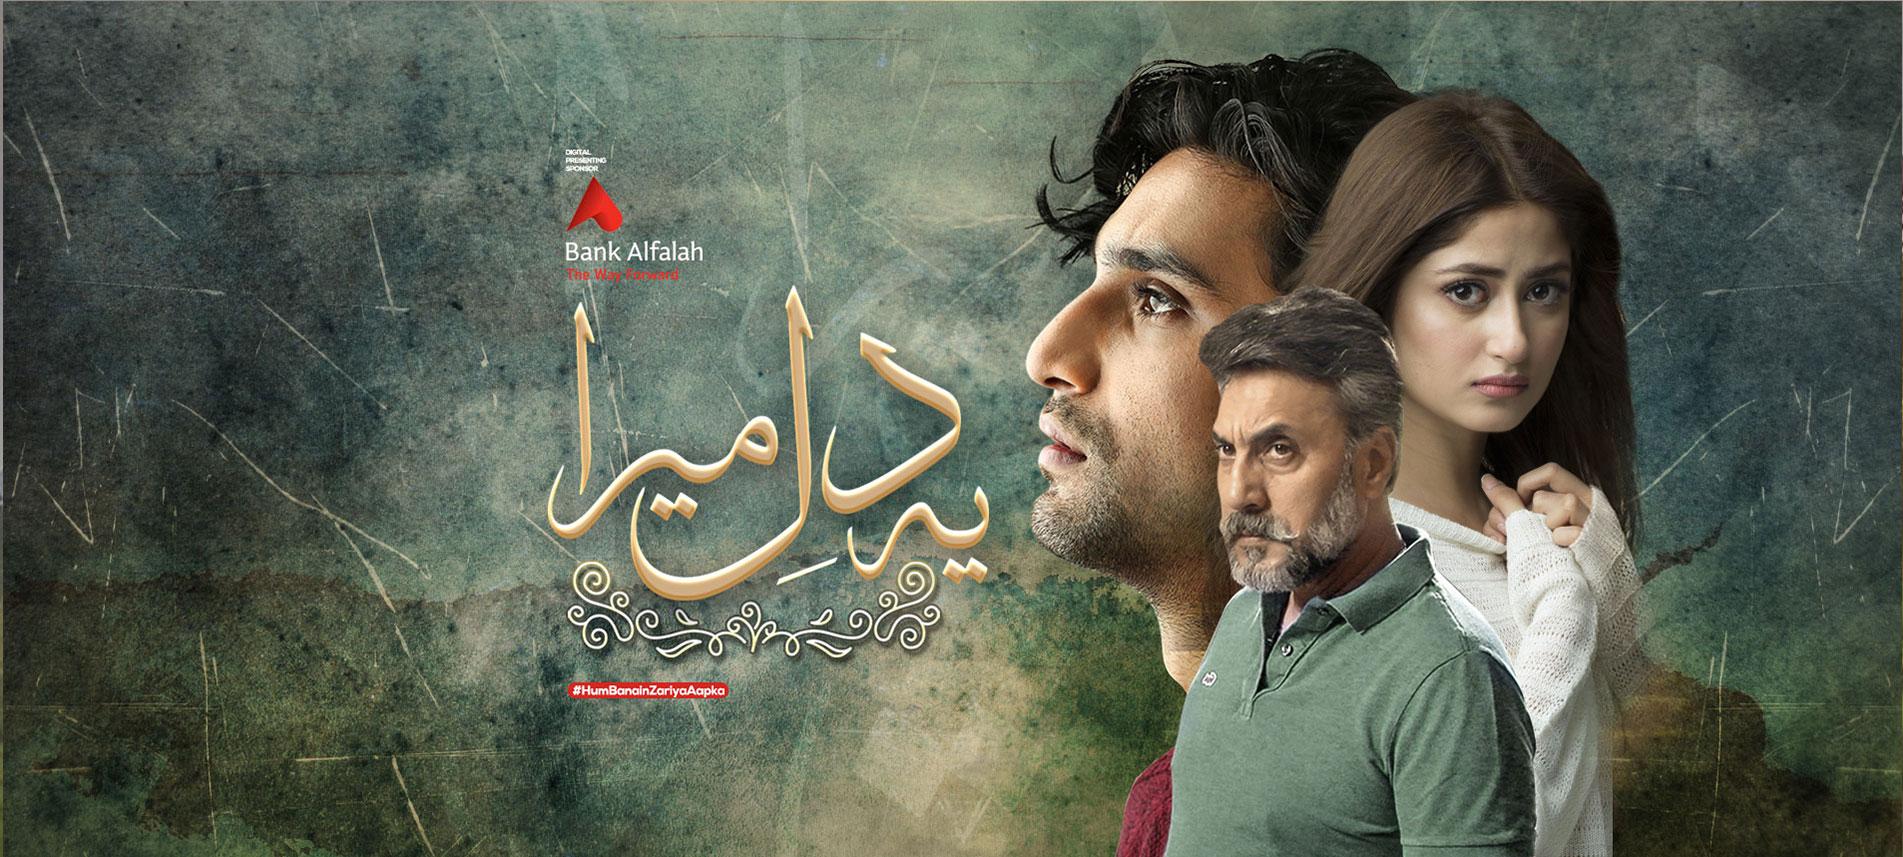 yeh dil mera pakistani dramas